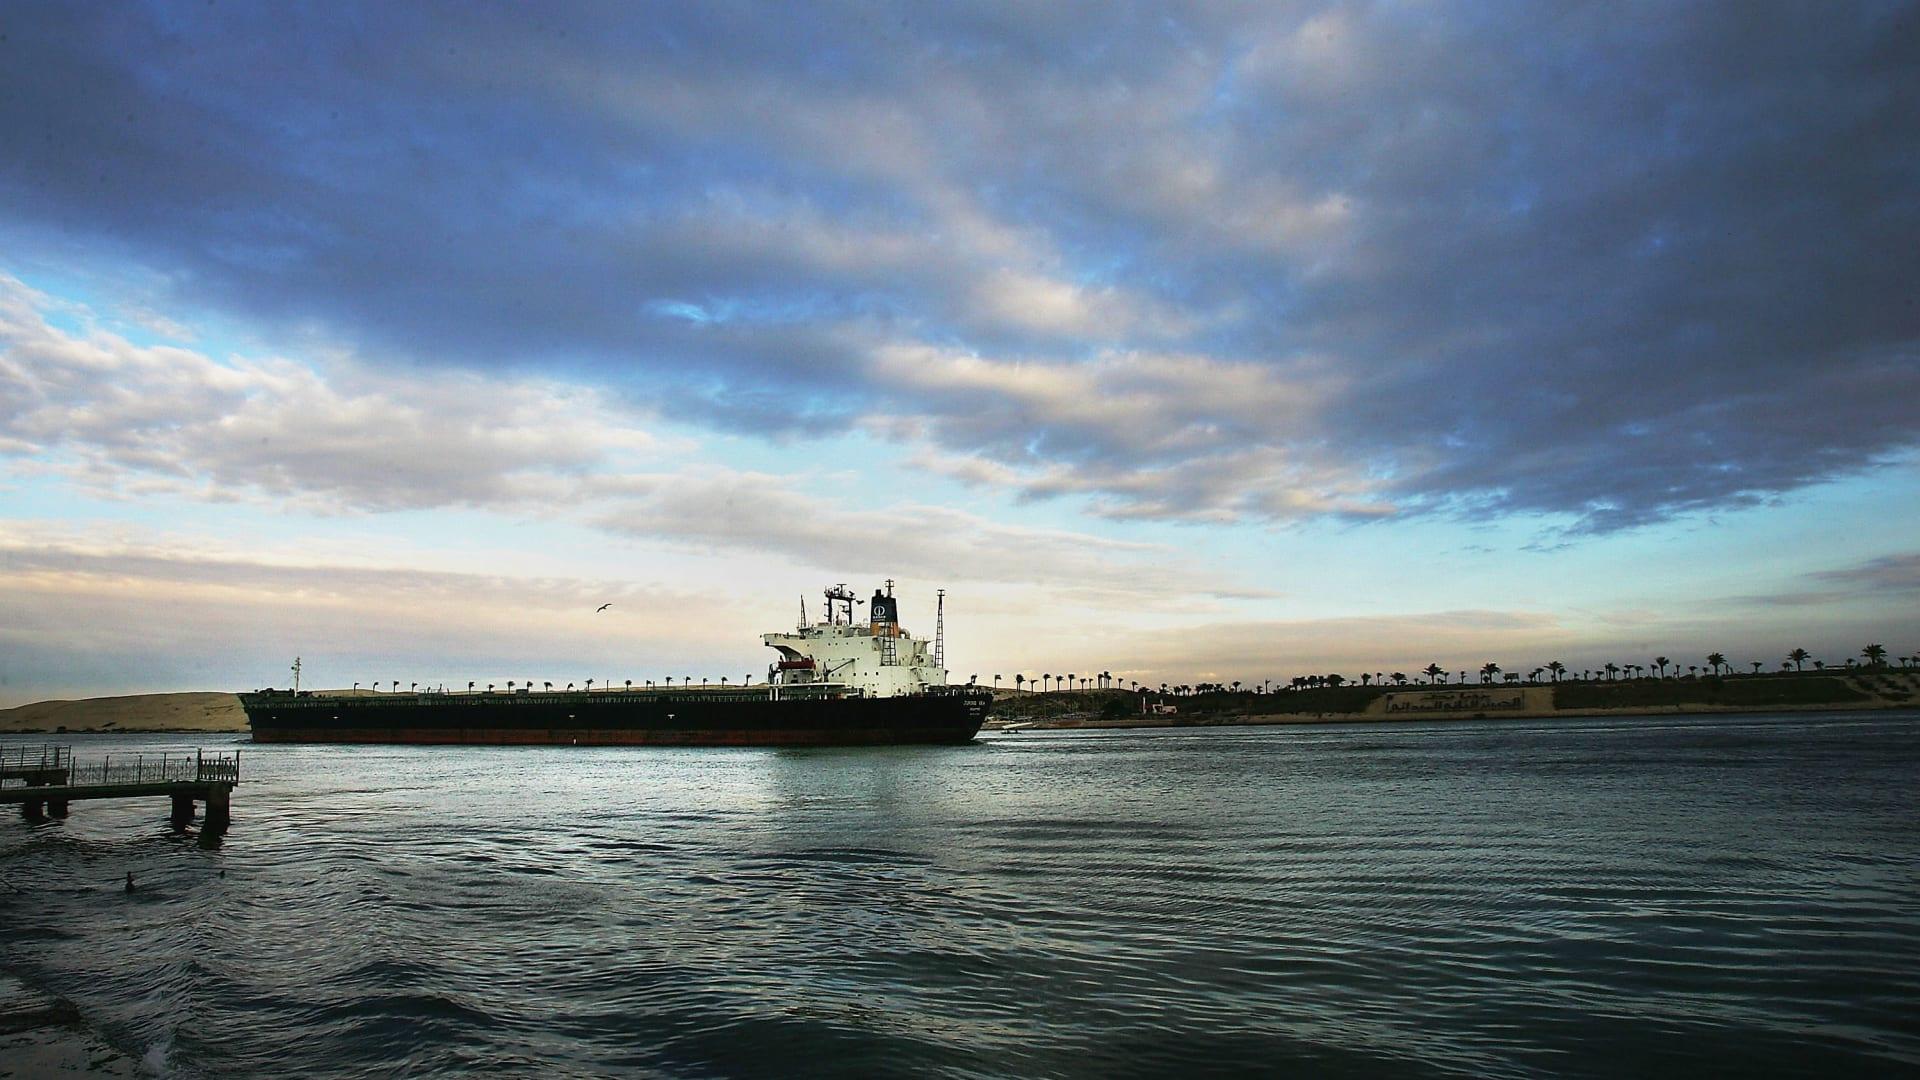 لأول مرة.. مصر تكشف خططاً للتنقيب عن النفط غرب المتوسط